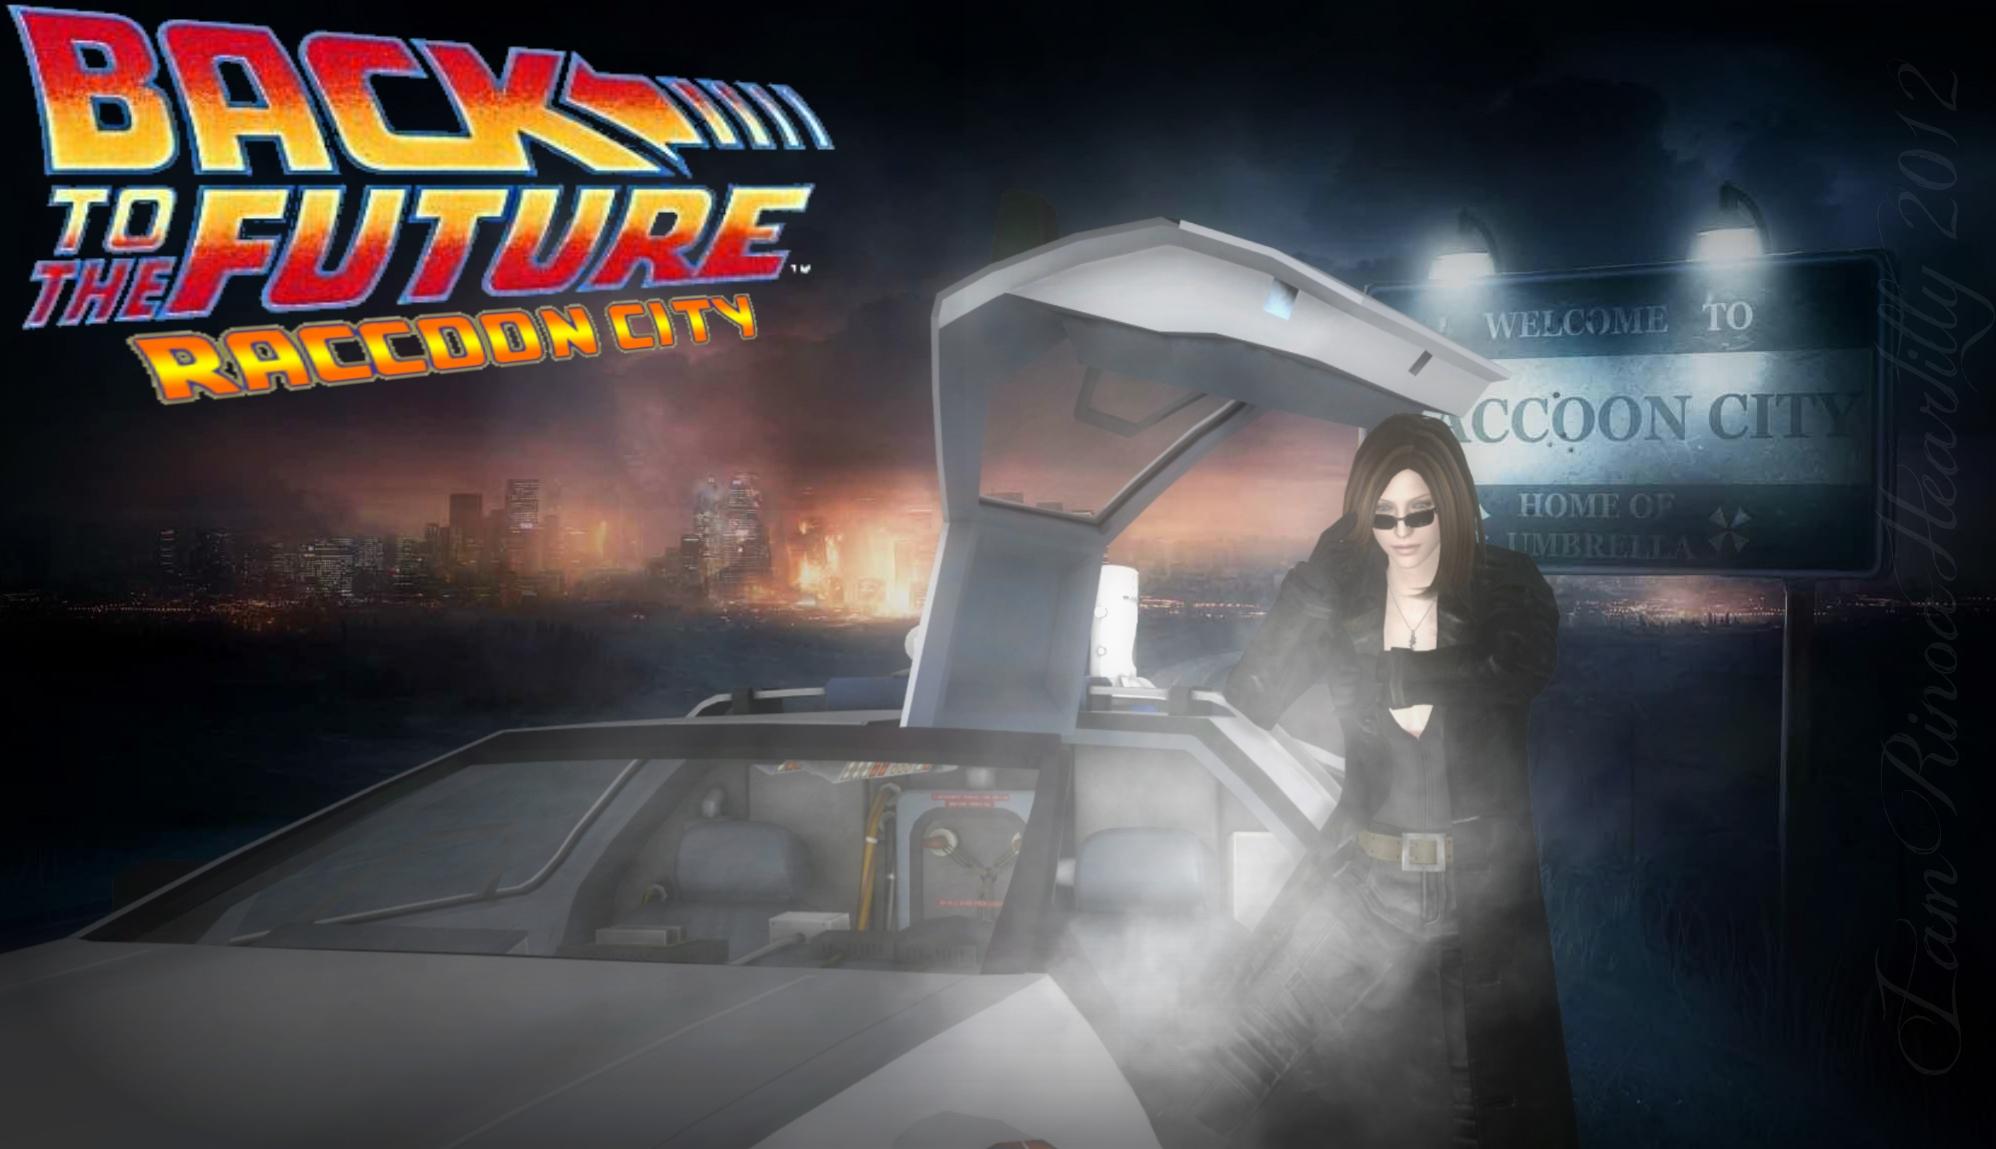 Back To The Future: Raccoon City by IamRinoaHeartilly